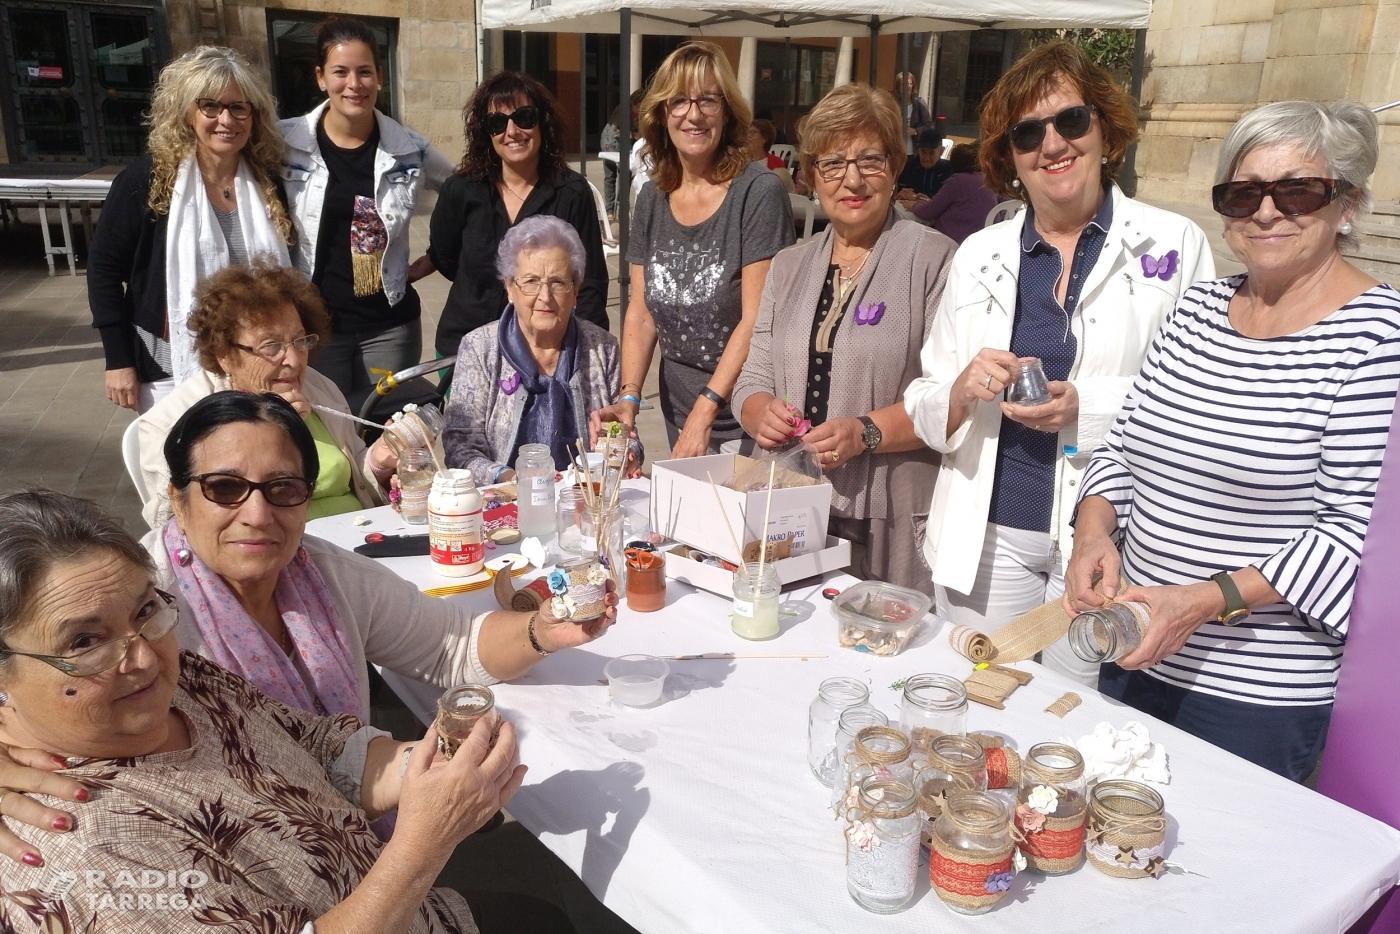 Tàrrega imparteix tallers de manualitats al carrer en el marc del programa 'Sempre Acompanyats' adreçat a la gent gran